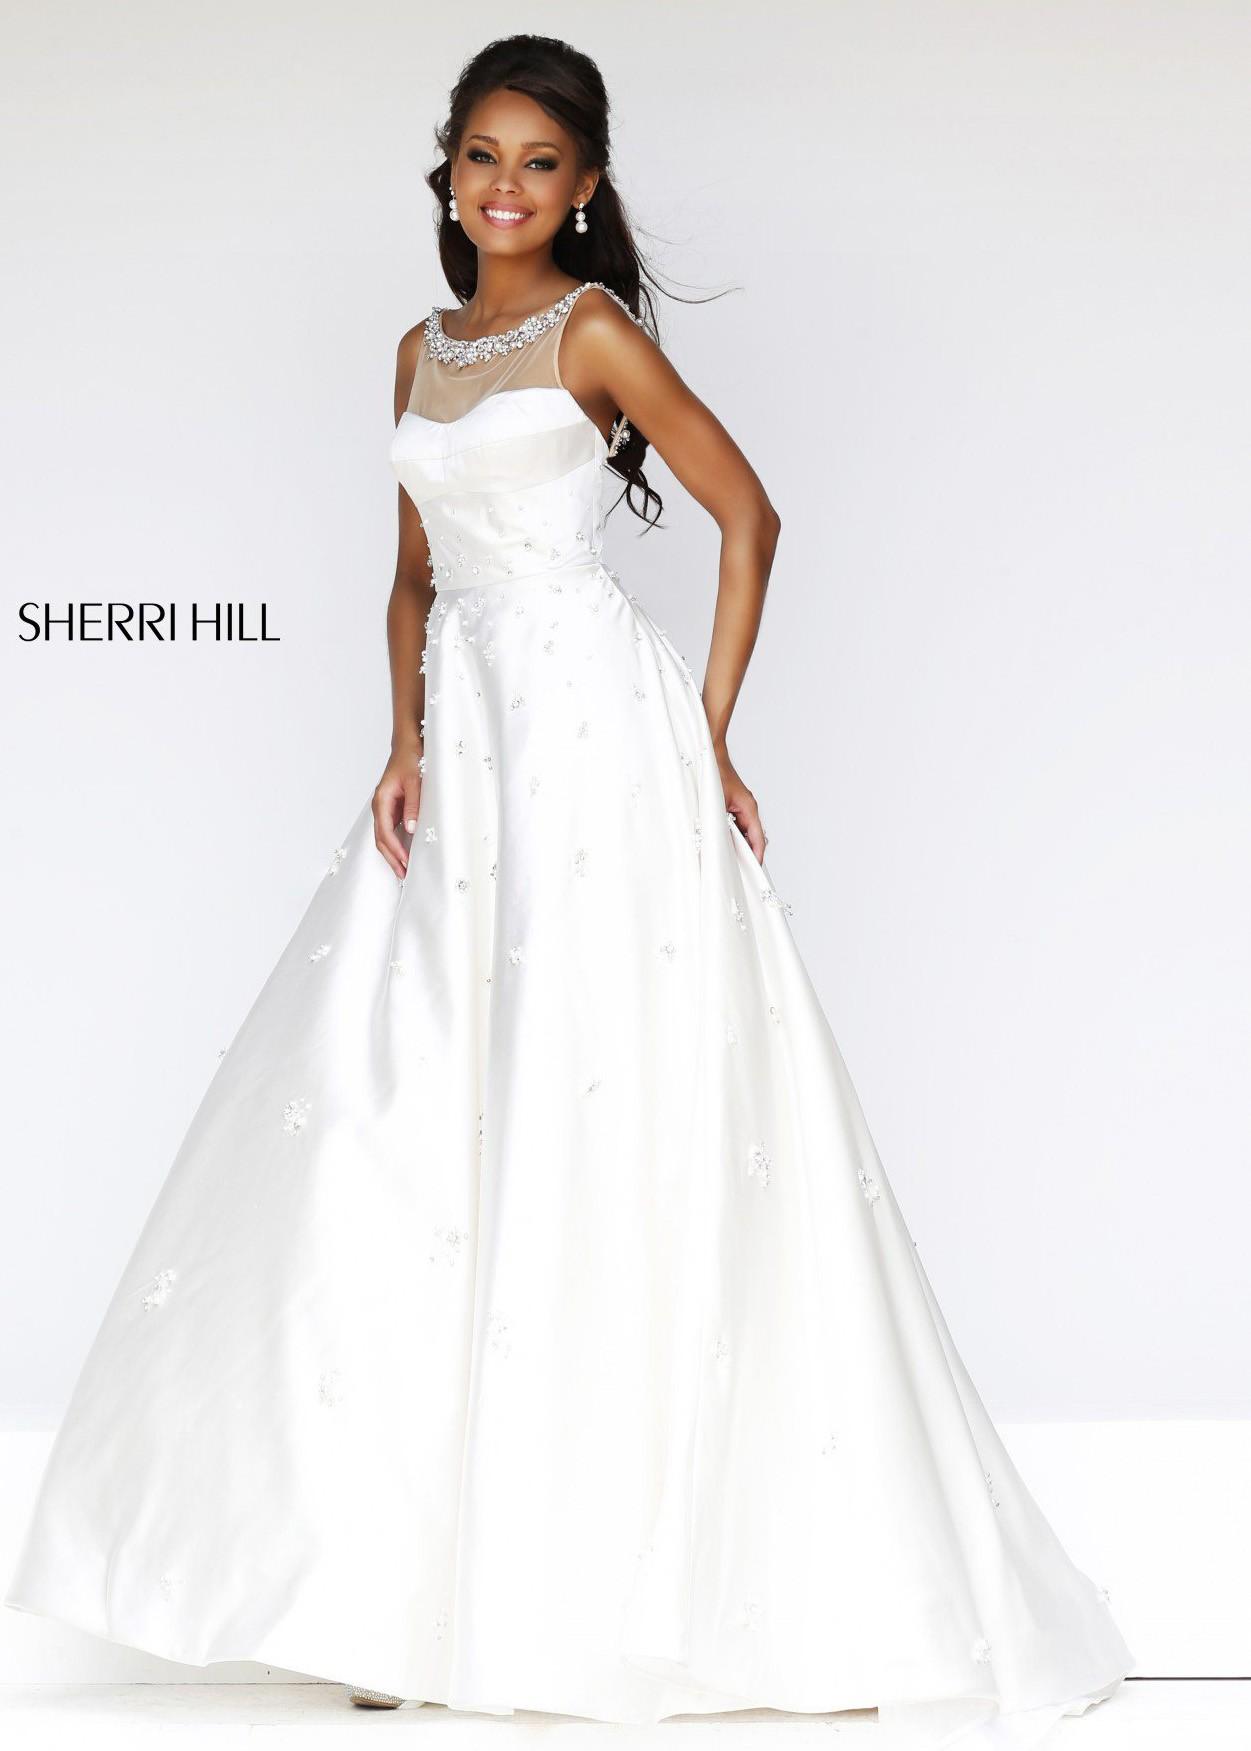 Where to buy sherri hill dresses online